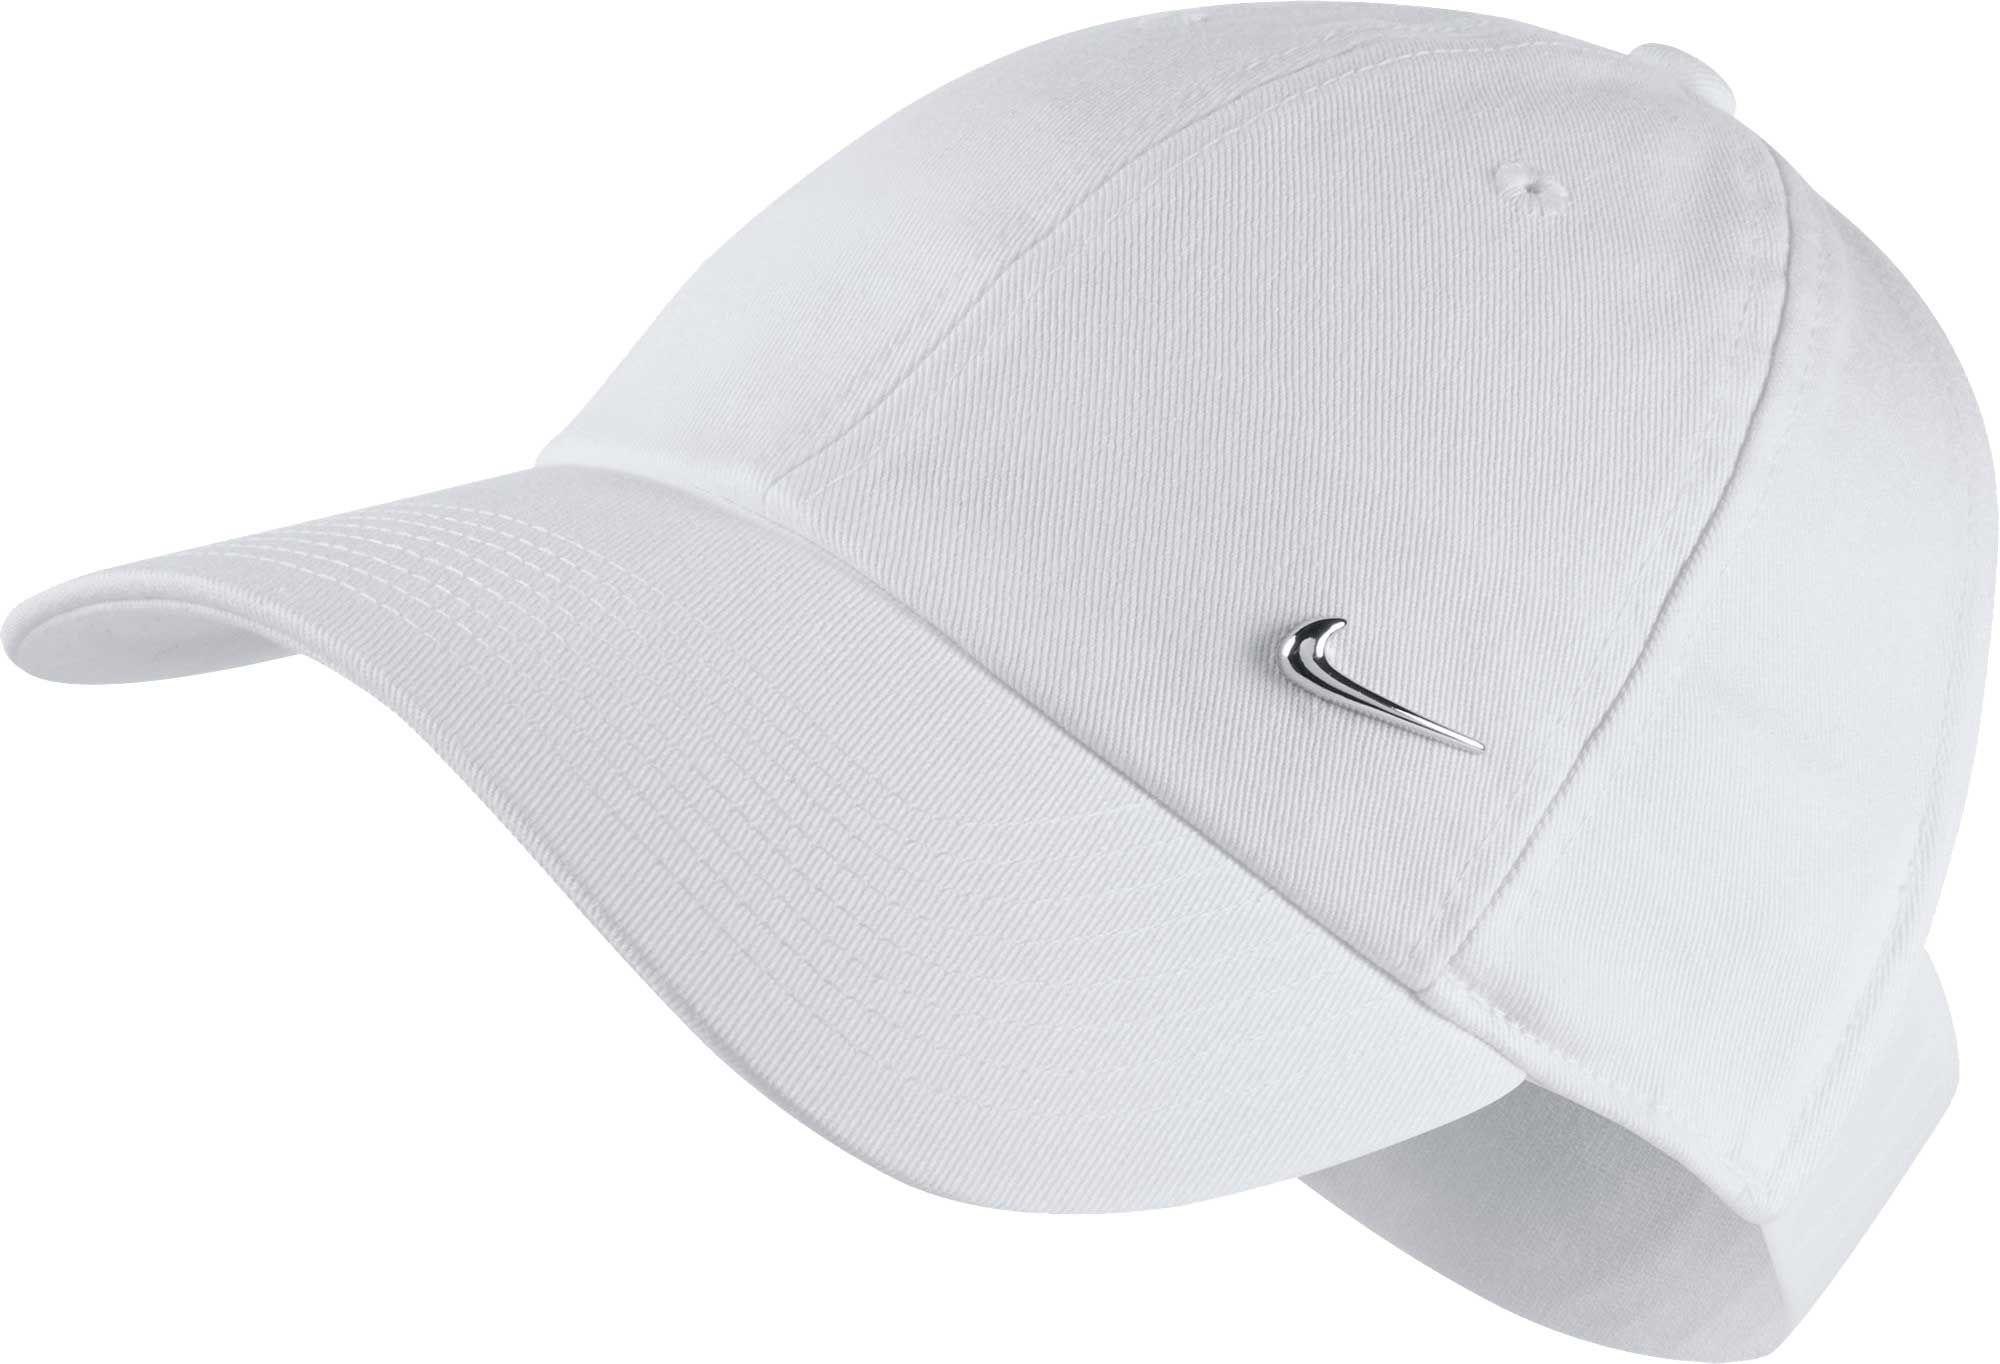 c77d310d7 Nike Women's Sportswear Open Back Visor Hat | Products | Visor hats ...